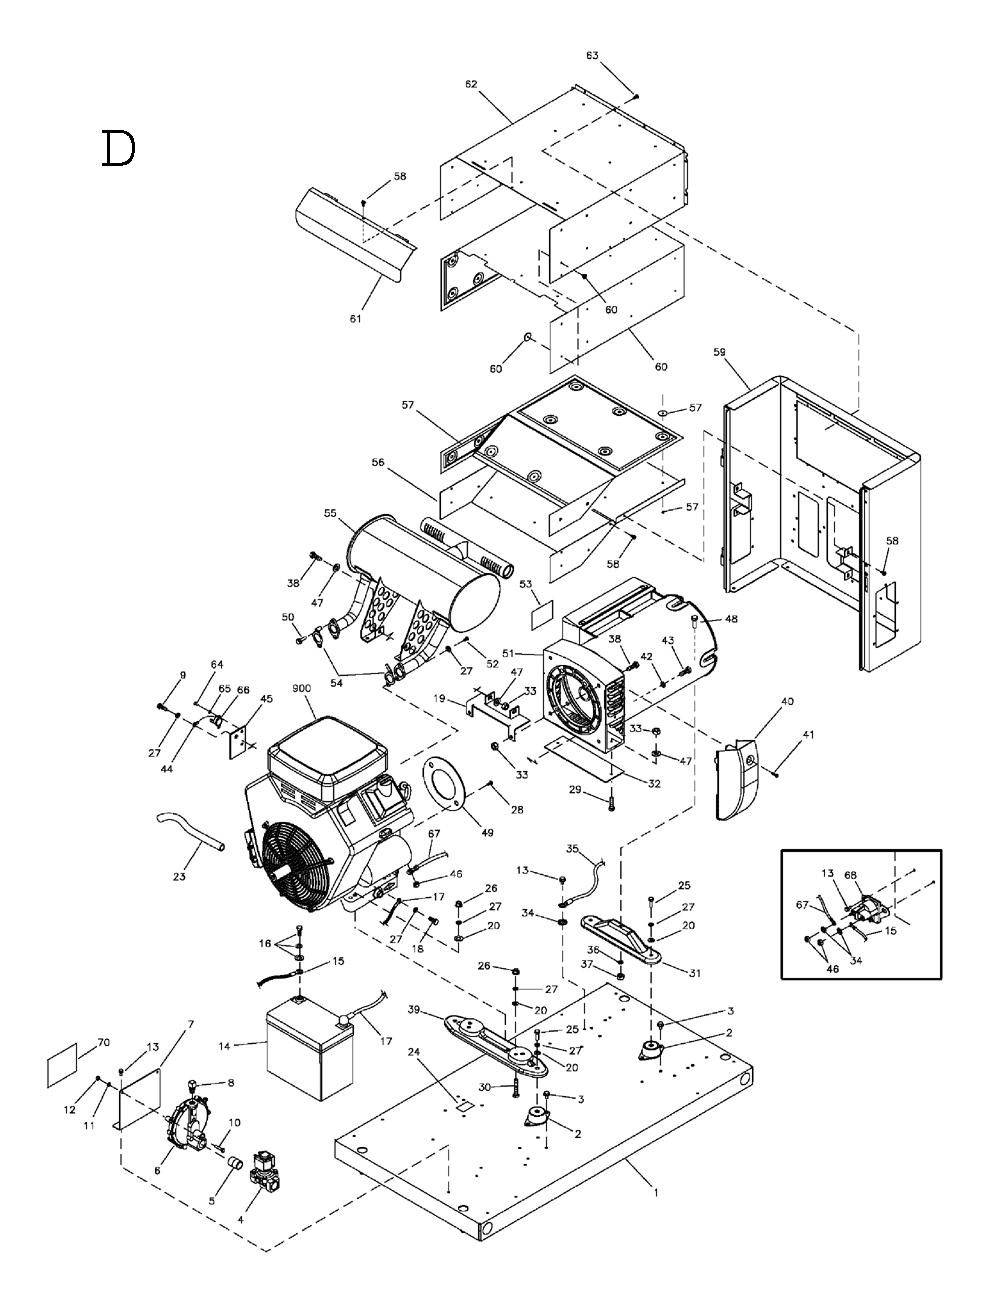 040212-1-BriggsandStratton-PB-3Break Down